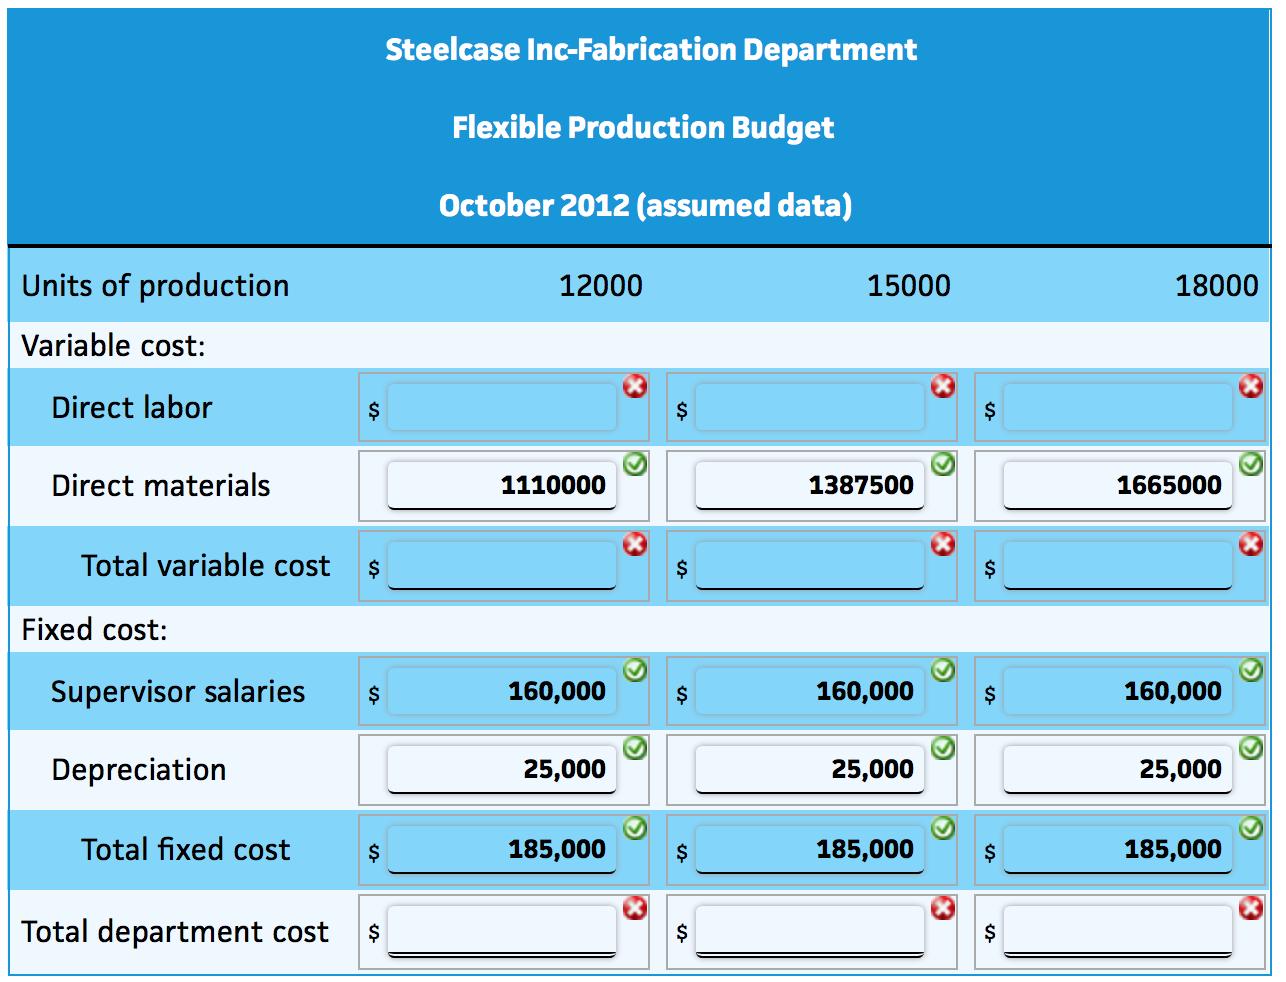 Flexible Budget For Fabrication Department Steelca... | Chegg.com